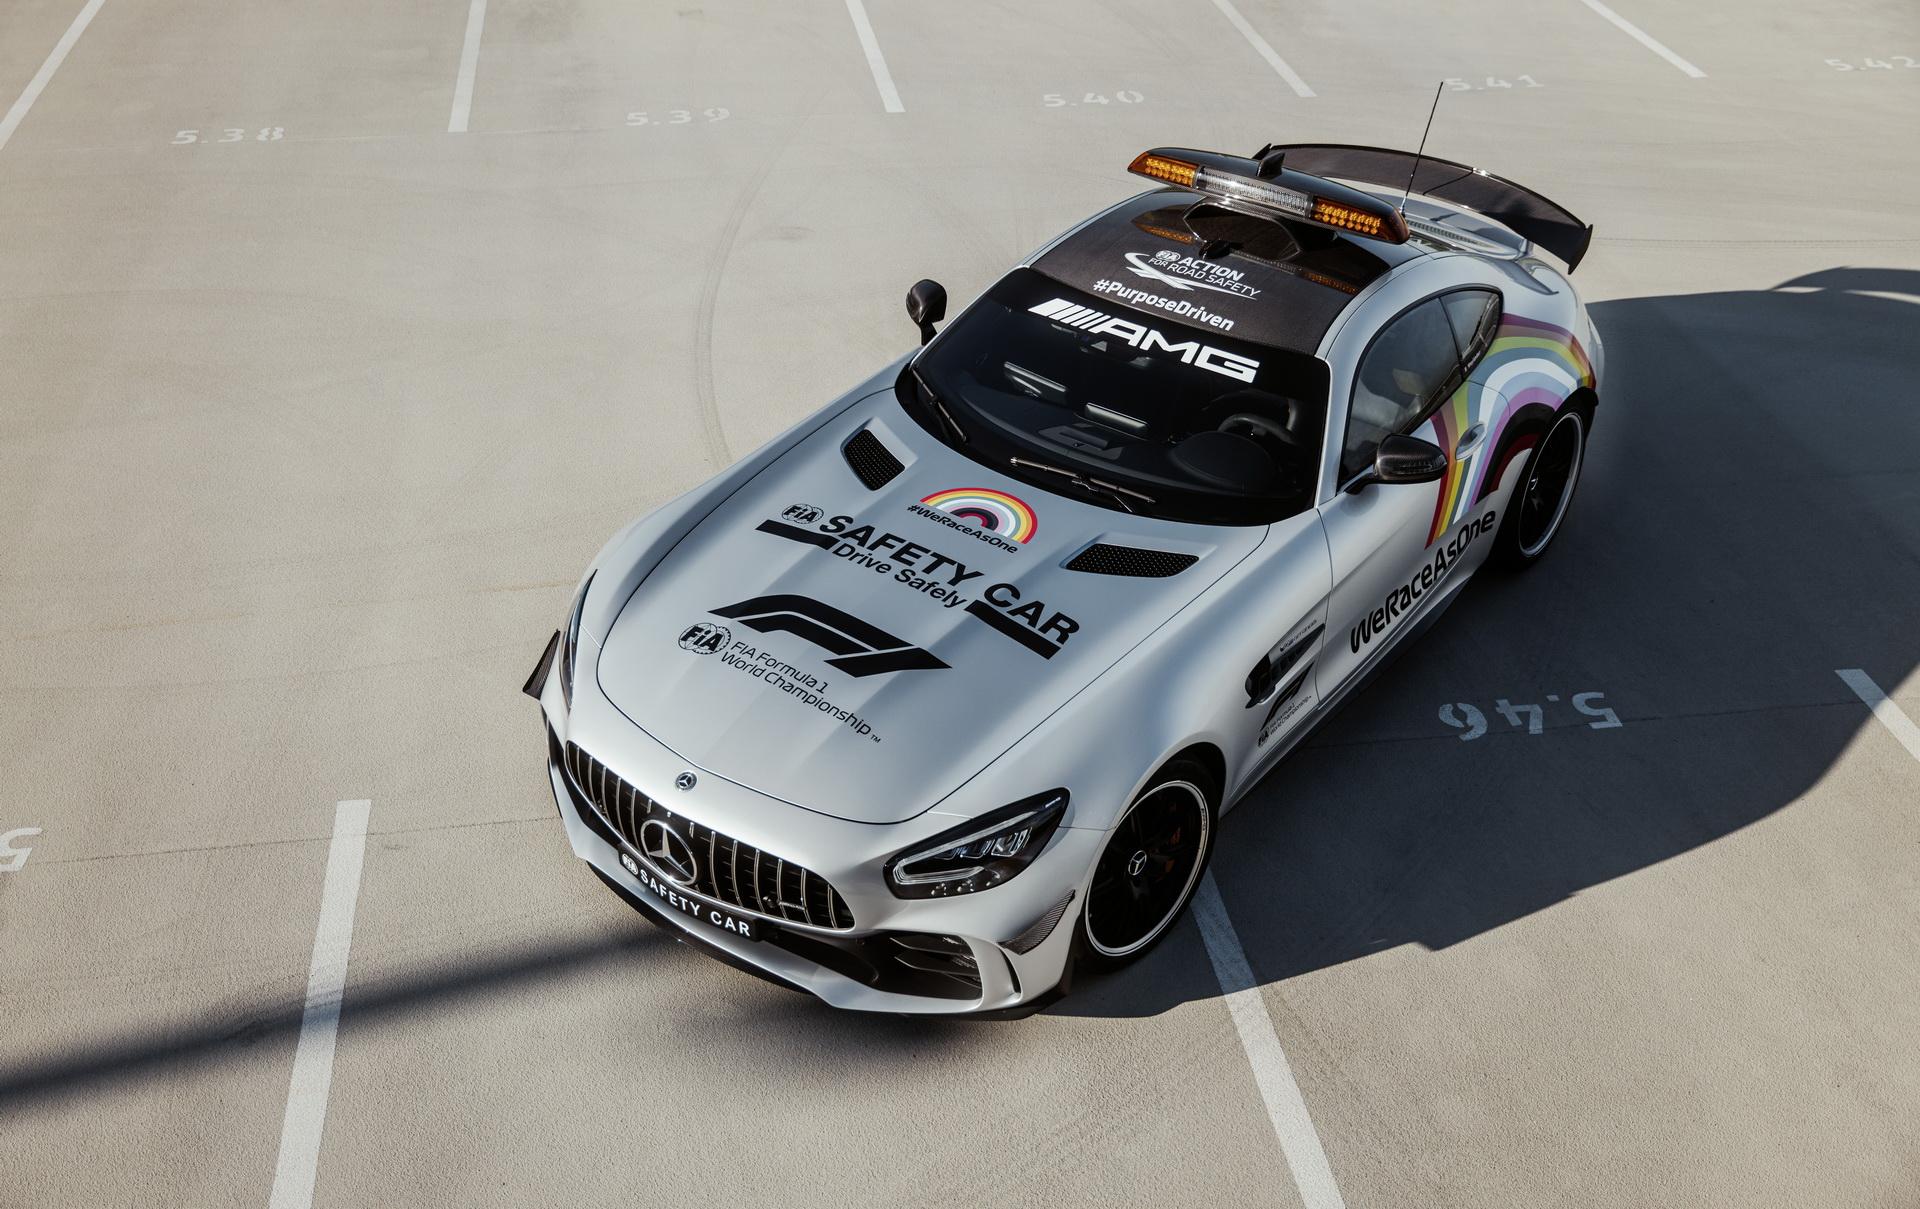 Xe an toàn của mùa giải F1 2020 được hé lộ, nổi bật với bộ tem xe ý nghĩa